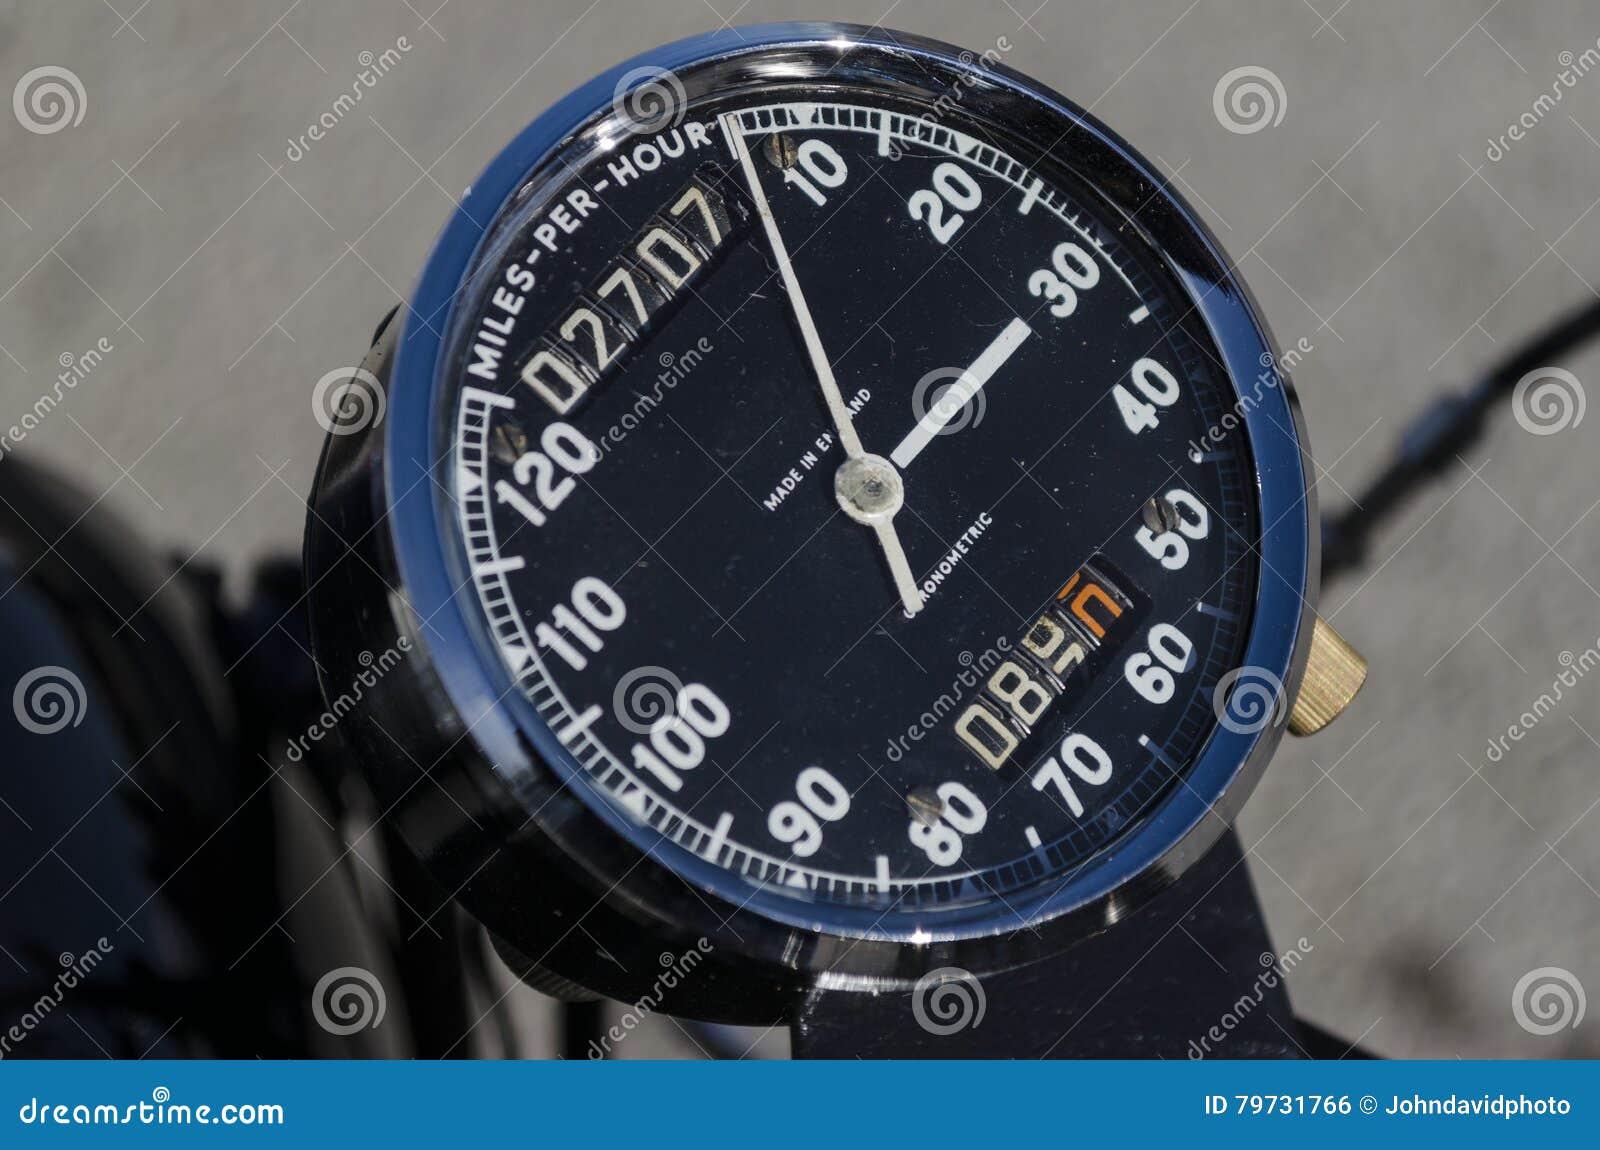 Entfernungsmesser Rad : Geschwindigkeitsmesser entfernungsmesser und tripometer auf einem